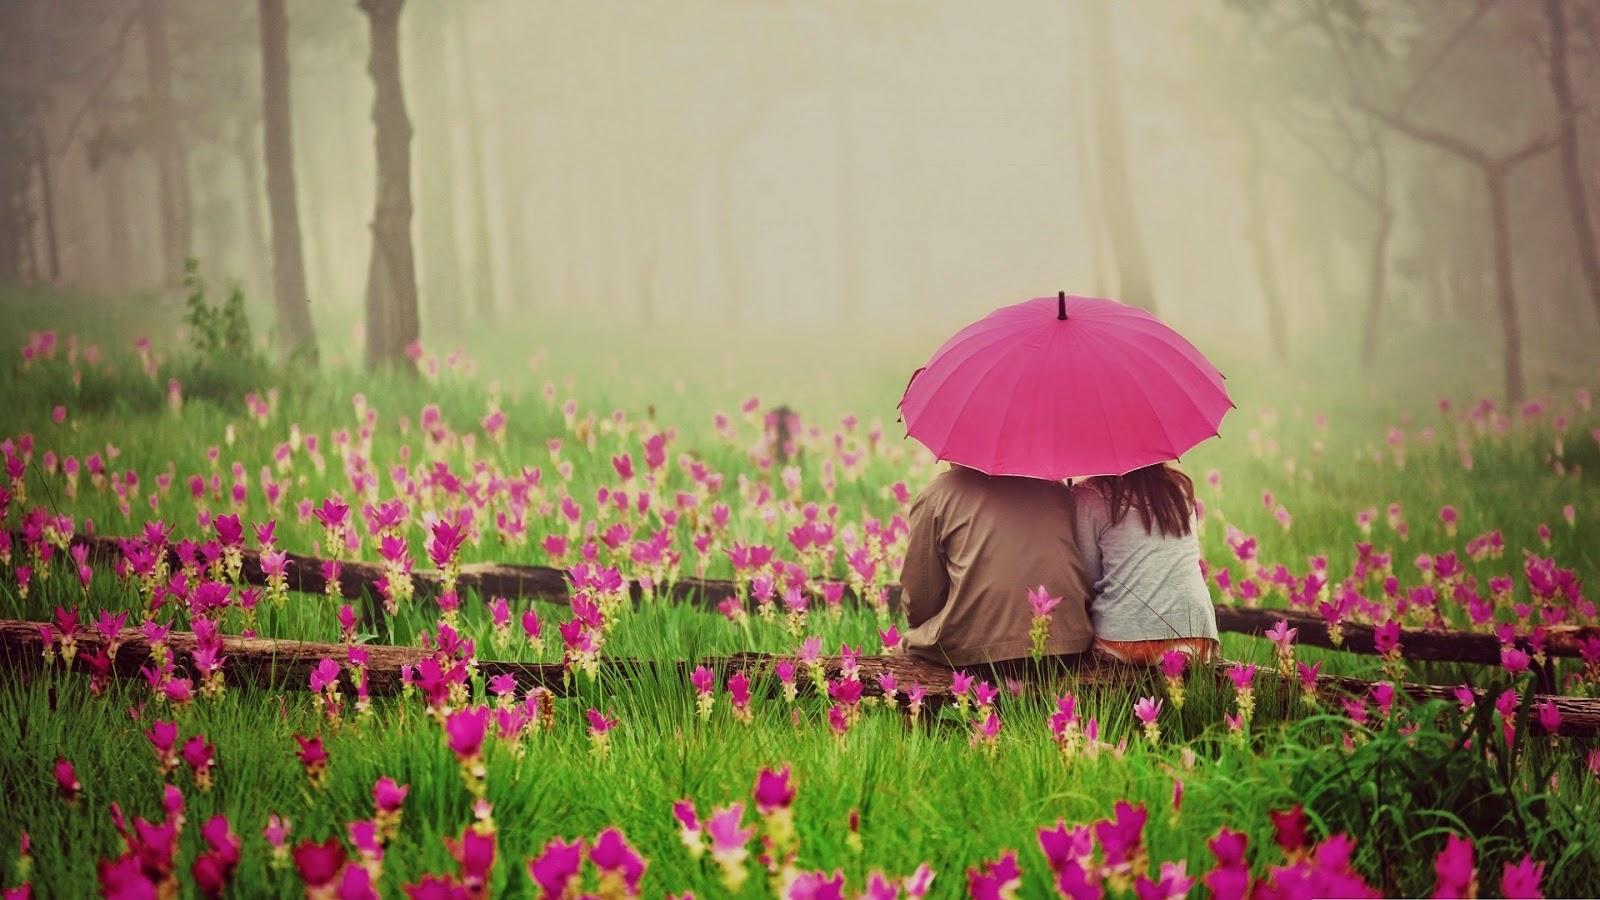 Fotos lindas de amor - bajar imagenes romanticas